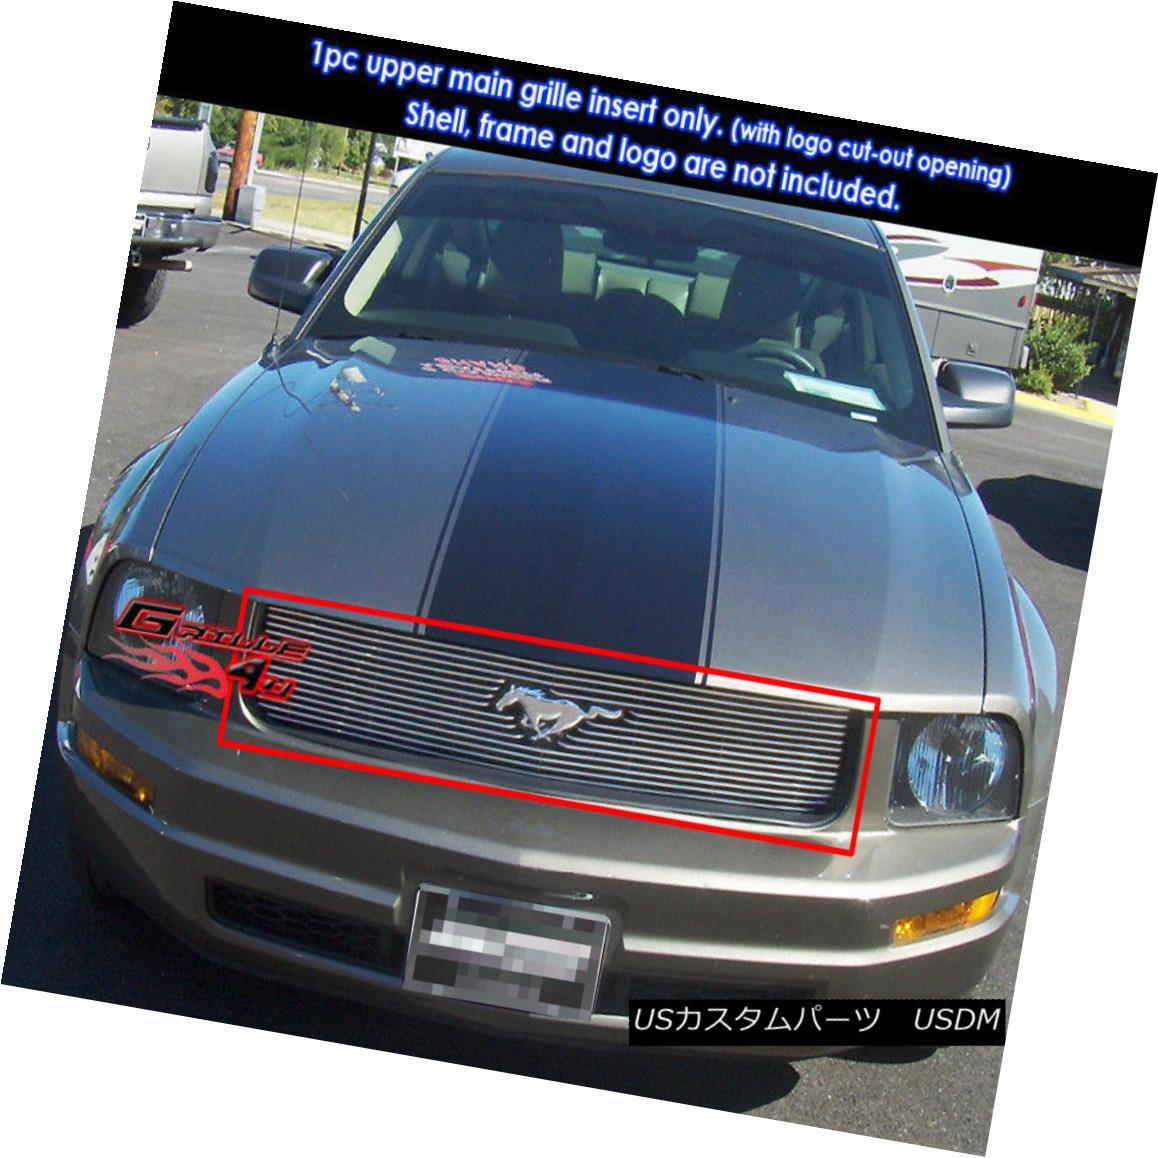 グリル Fits 2005-2009 Ford Mustang V6 Main Upper Billet Grille Insert フィット2005-2009フォードマスタングV6メインアッパービレットグリルインサート